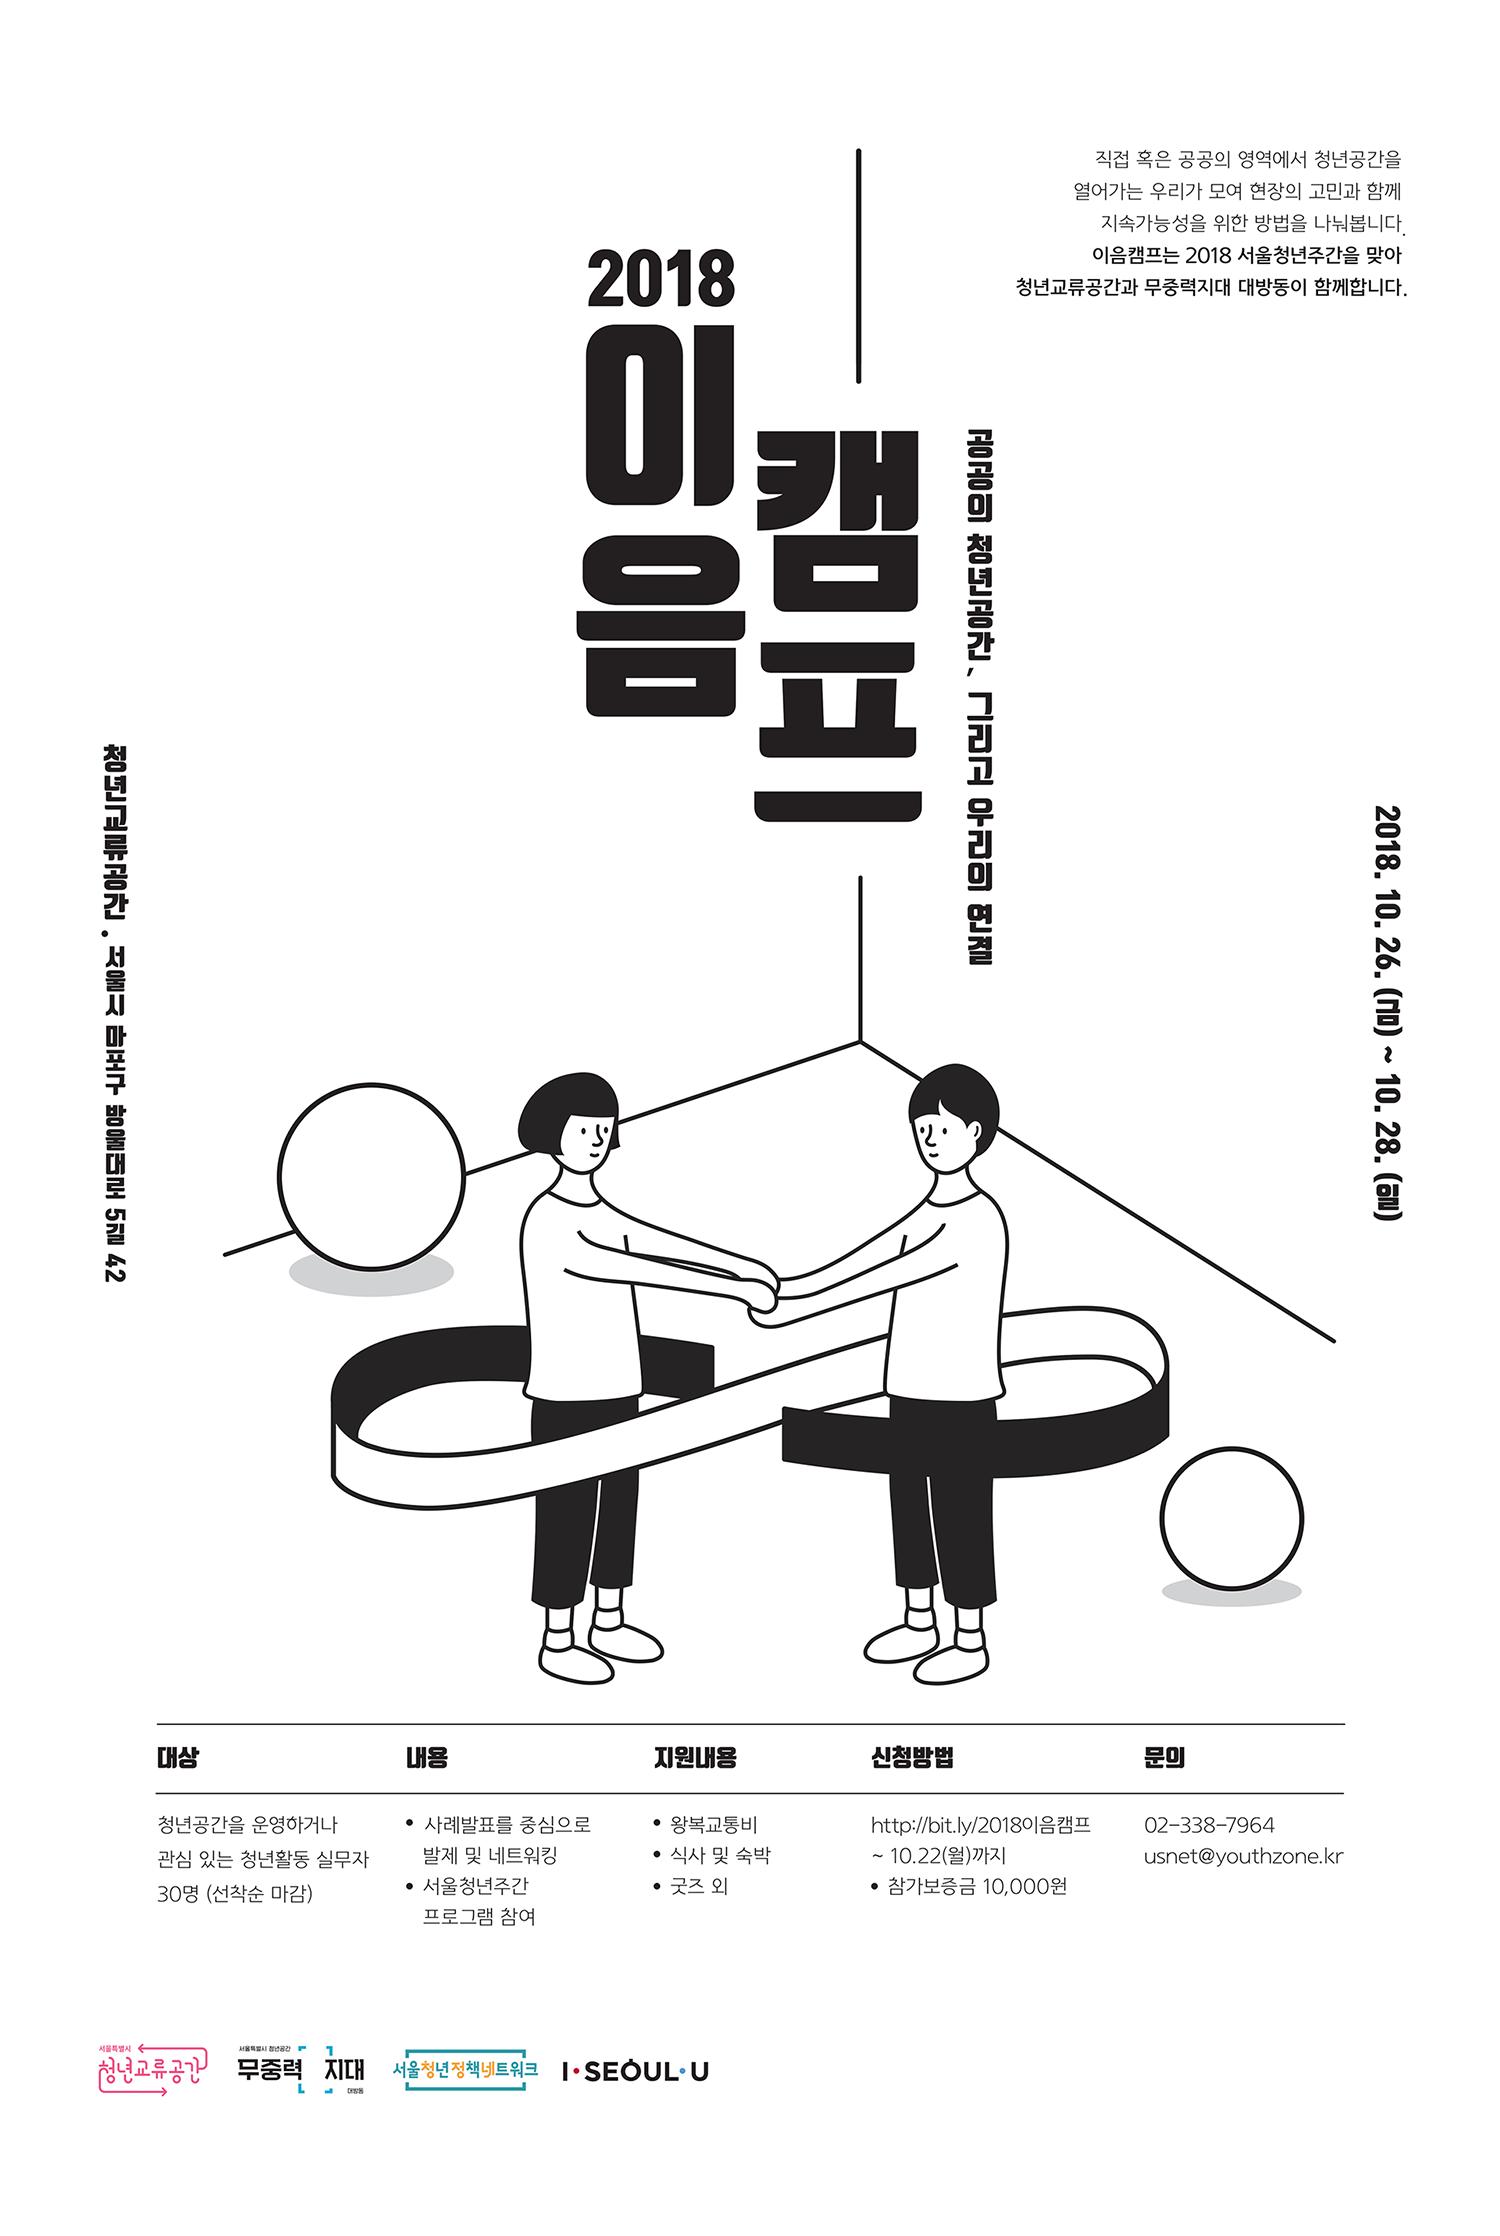 [청년교류공간X무중력지대대방동] 공간과 사람을 잇-는 이음캠프 참가자 모집